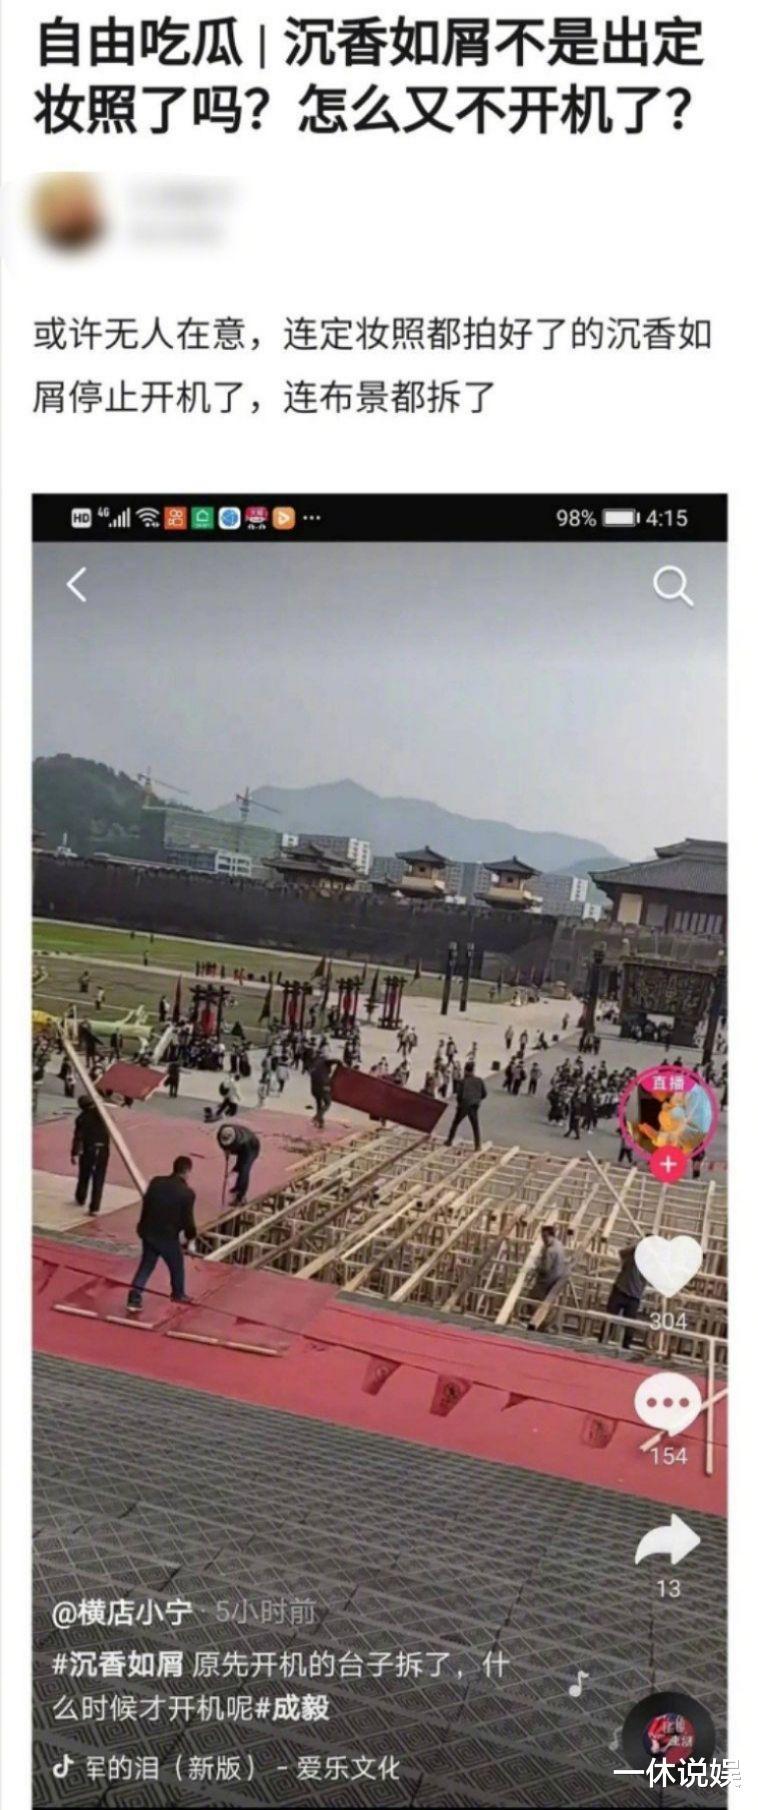 《沉香如屑》官方宣布延迟开机,场外舞台拆除,白鹿方做出回应